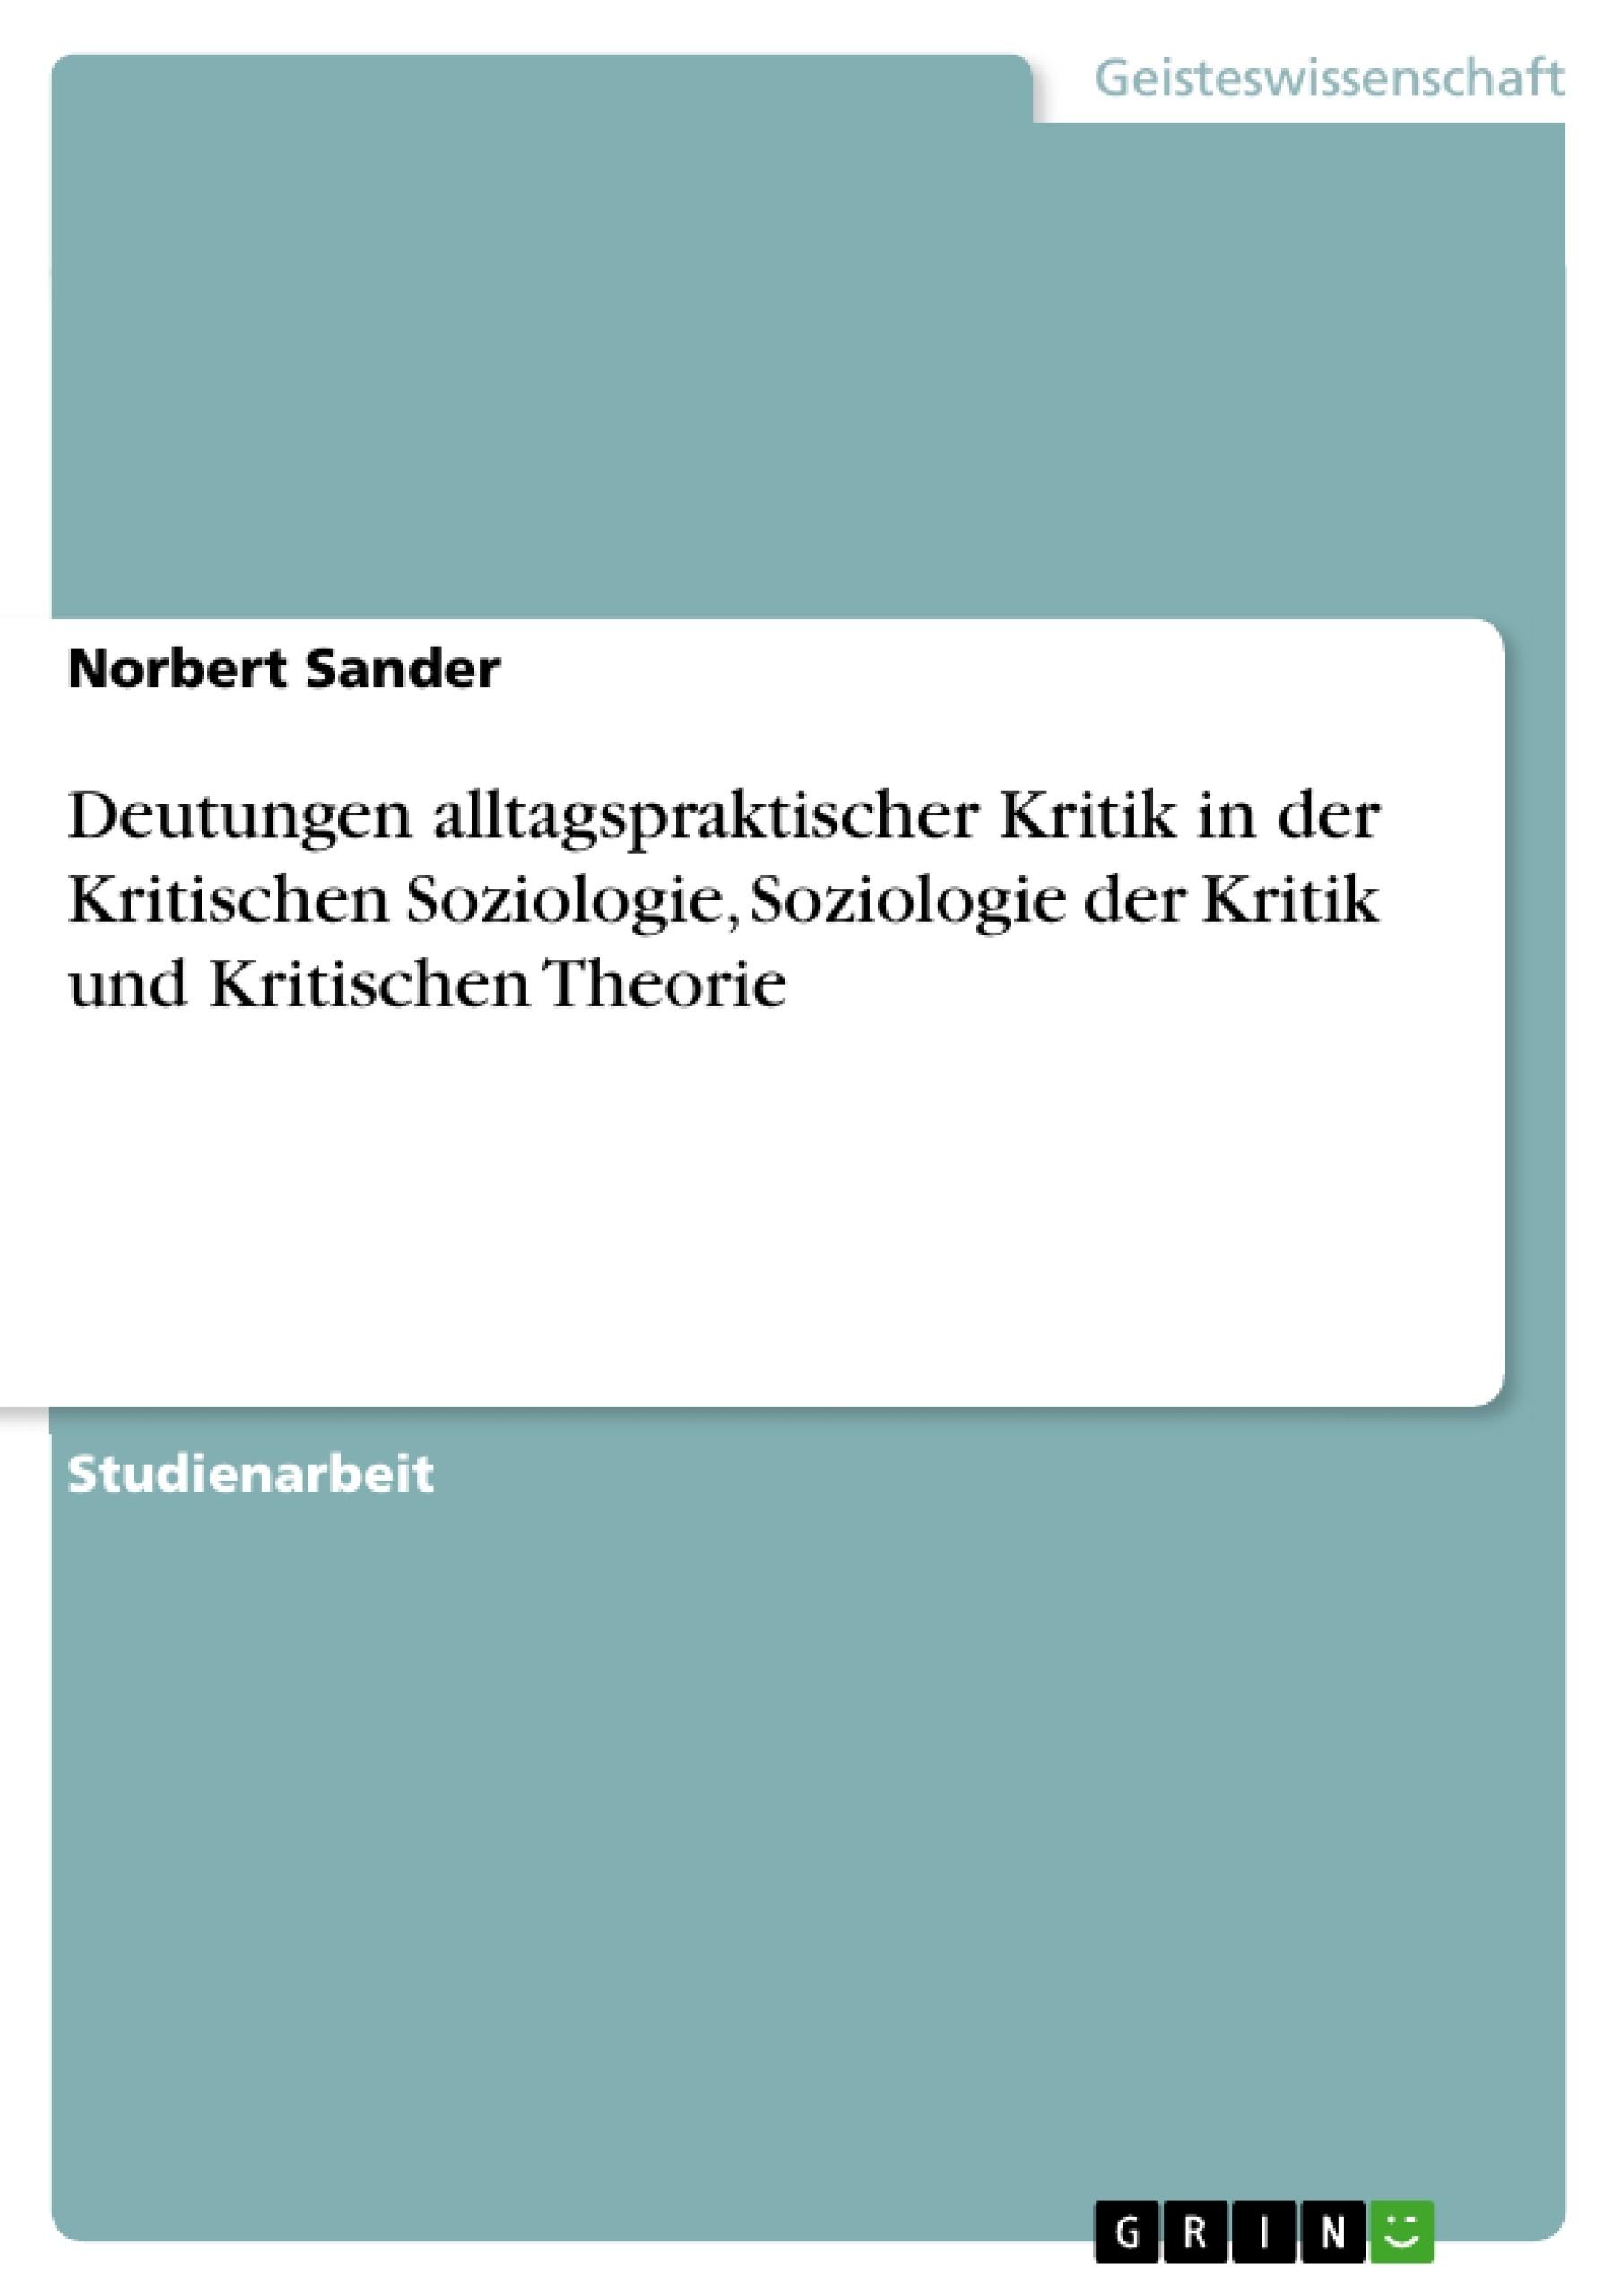 Titel: Deutungen alltagspraktischer Kritik in der Kritischen Soziologie, Soziologie der Kritik und Kritischen Theorie